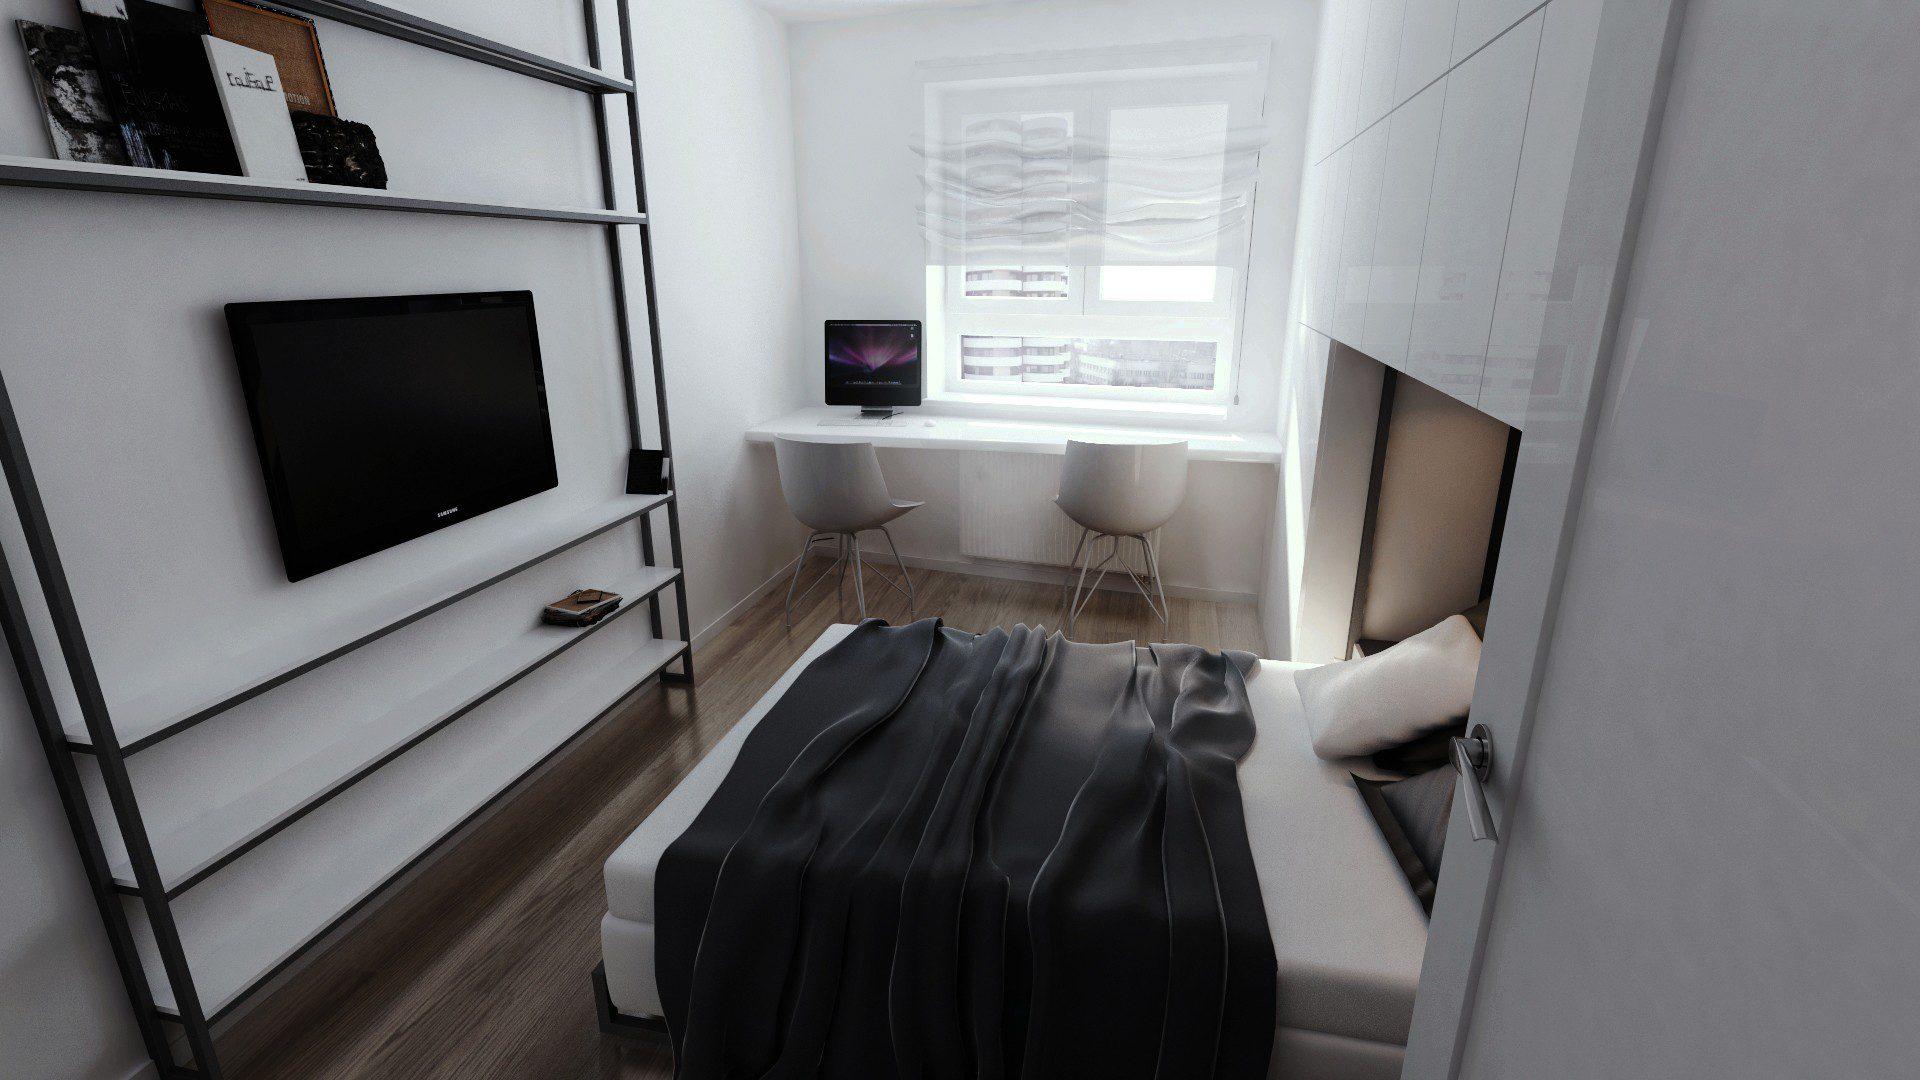 Sypialnia W Bloku Wizualizacja Architektoniczna Rese